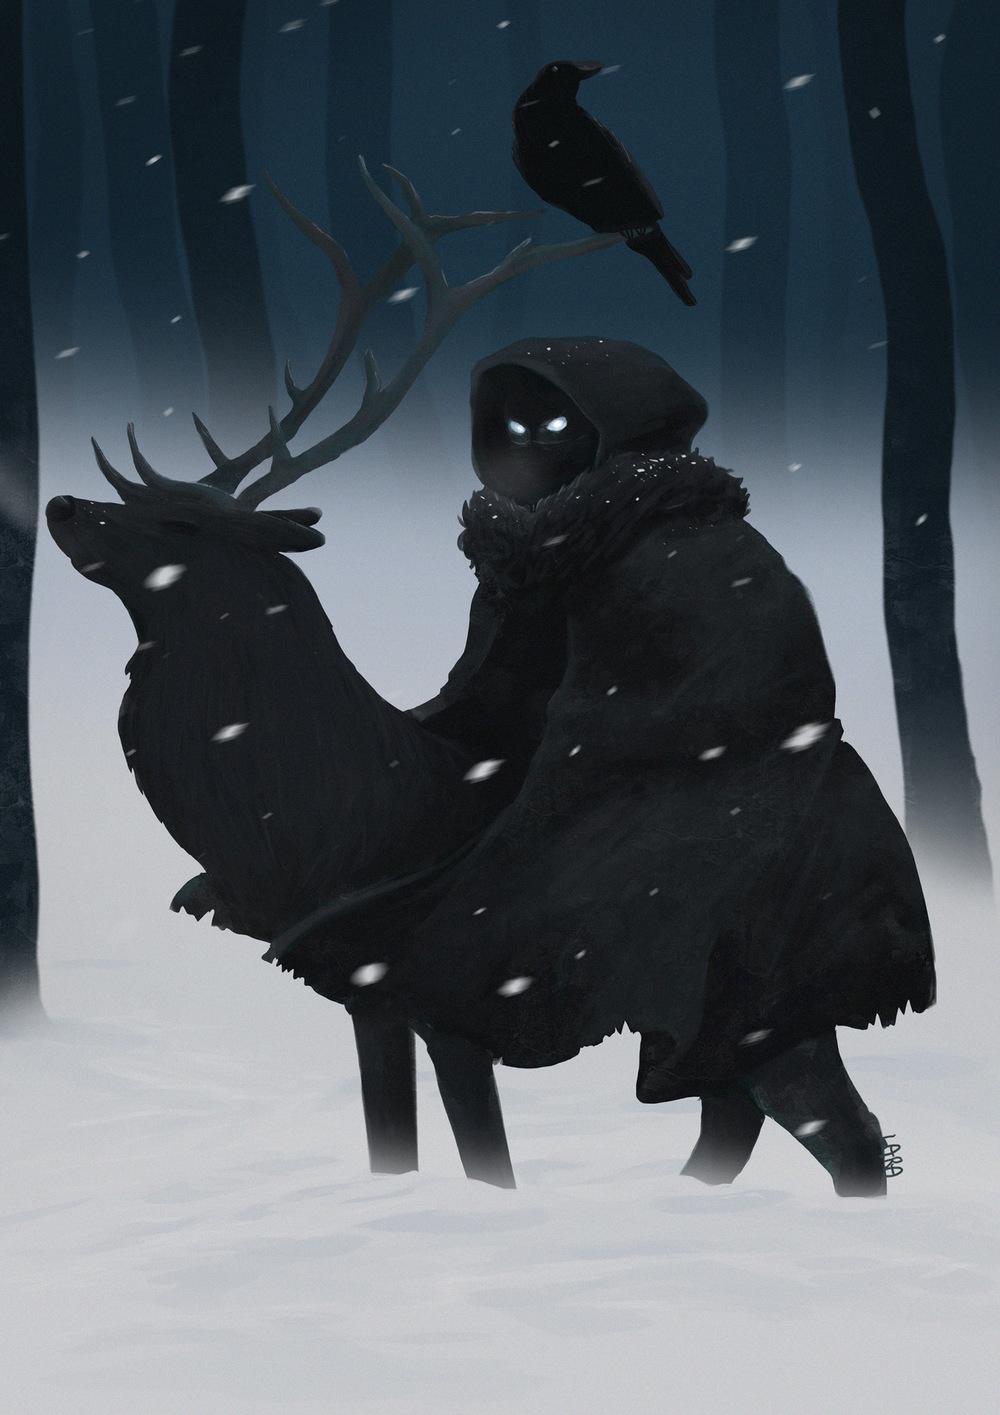 Lara-Jane van Antwerpen - Coldhands, Game of Thrones Fan Art, 2016